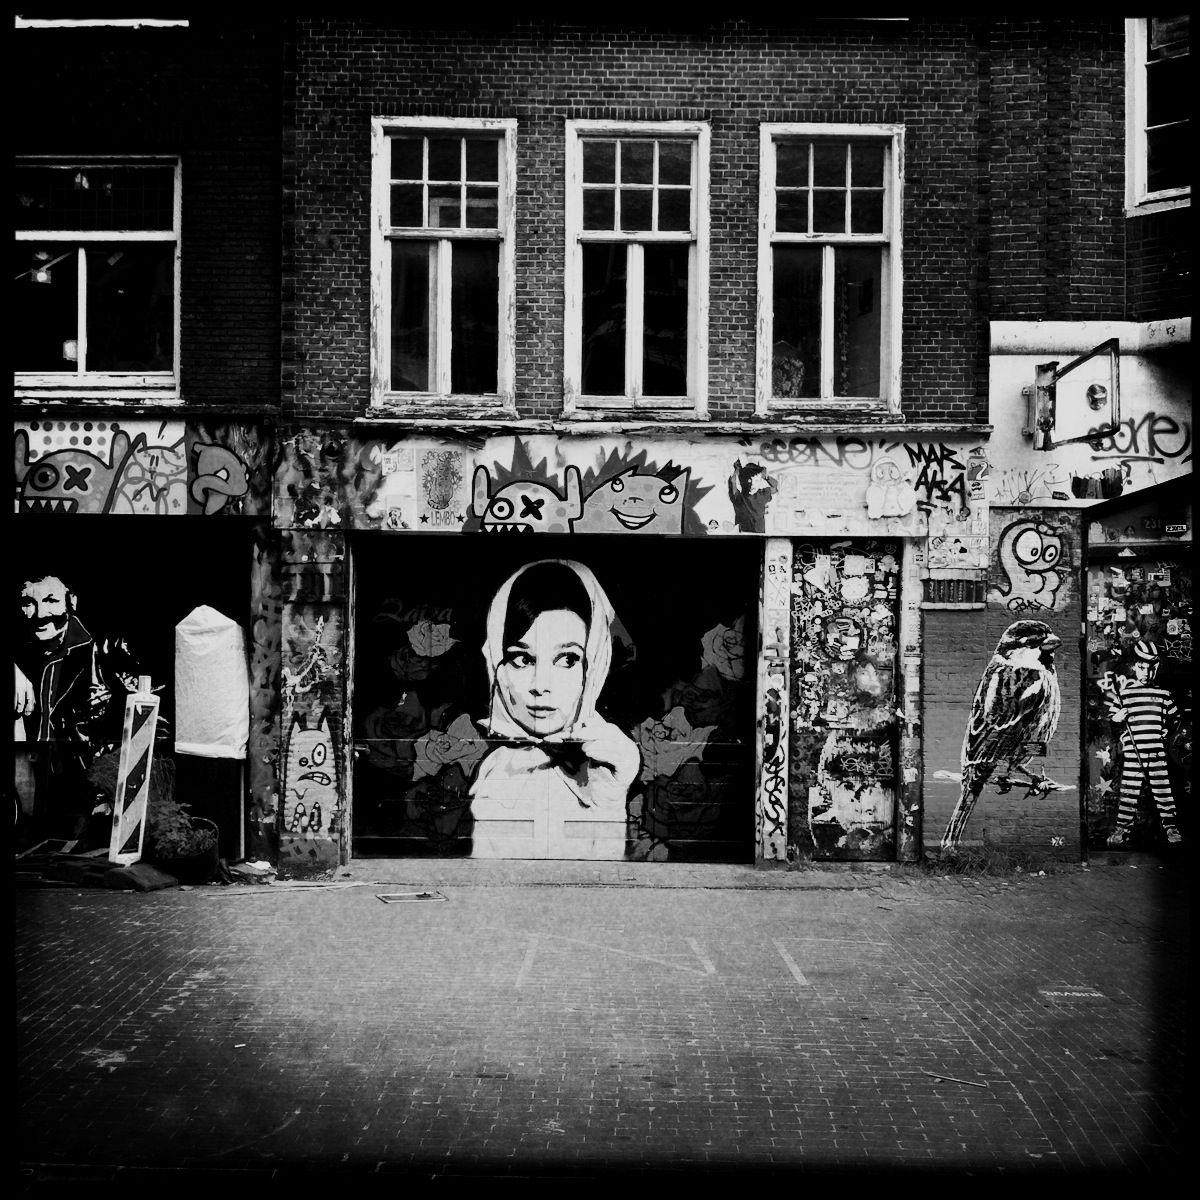 Lieblingsort #10: Das Audrey-Hepburn-Tor in der Spuistraat